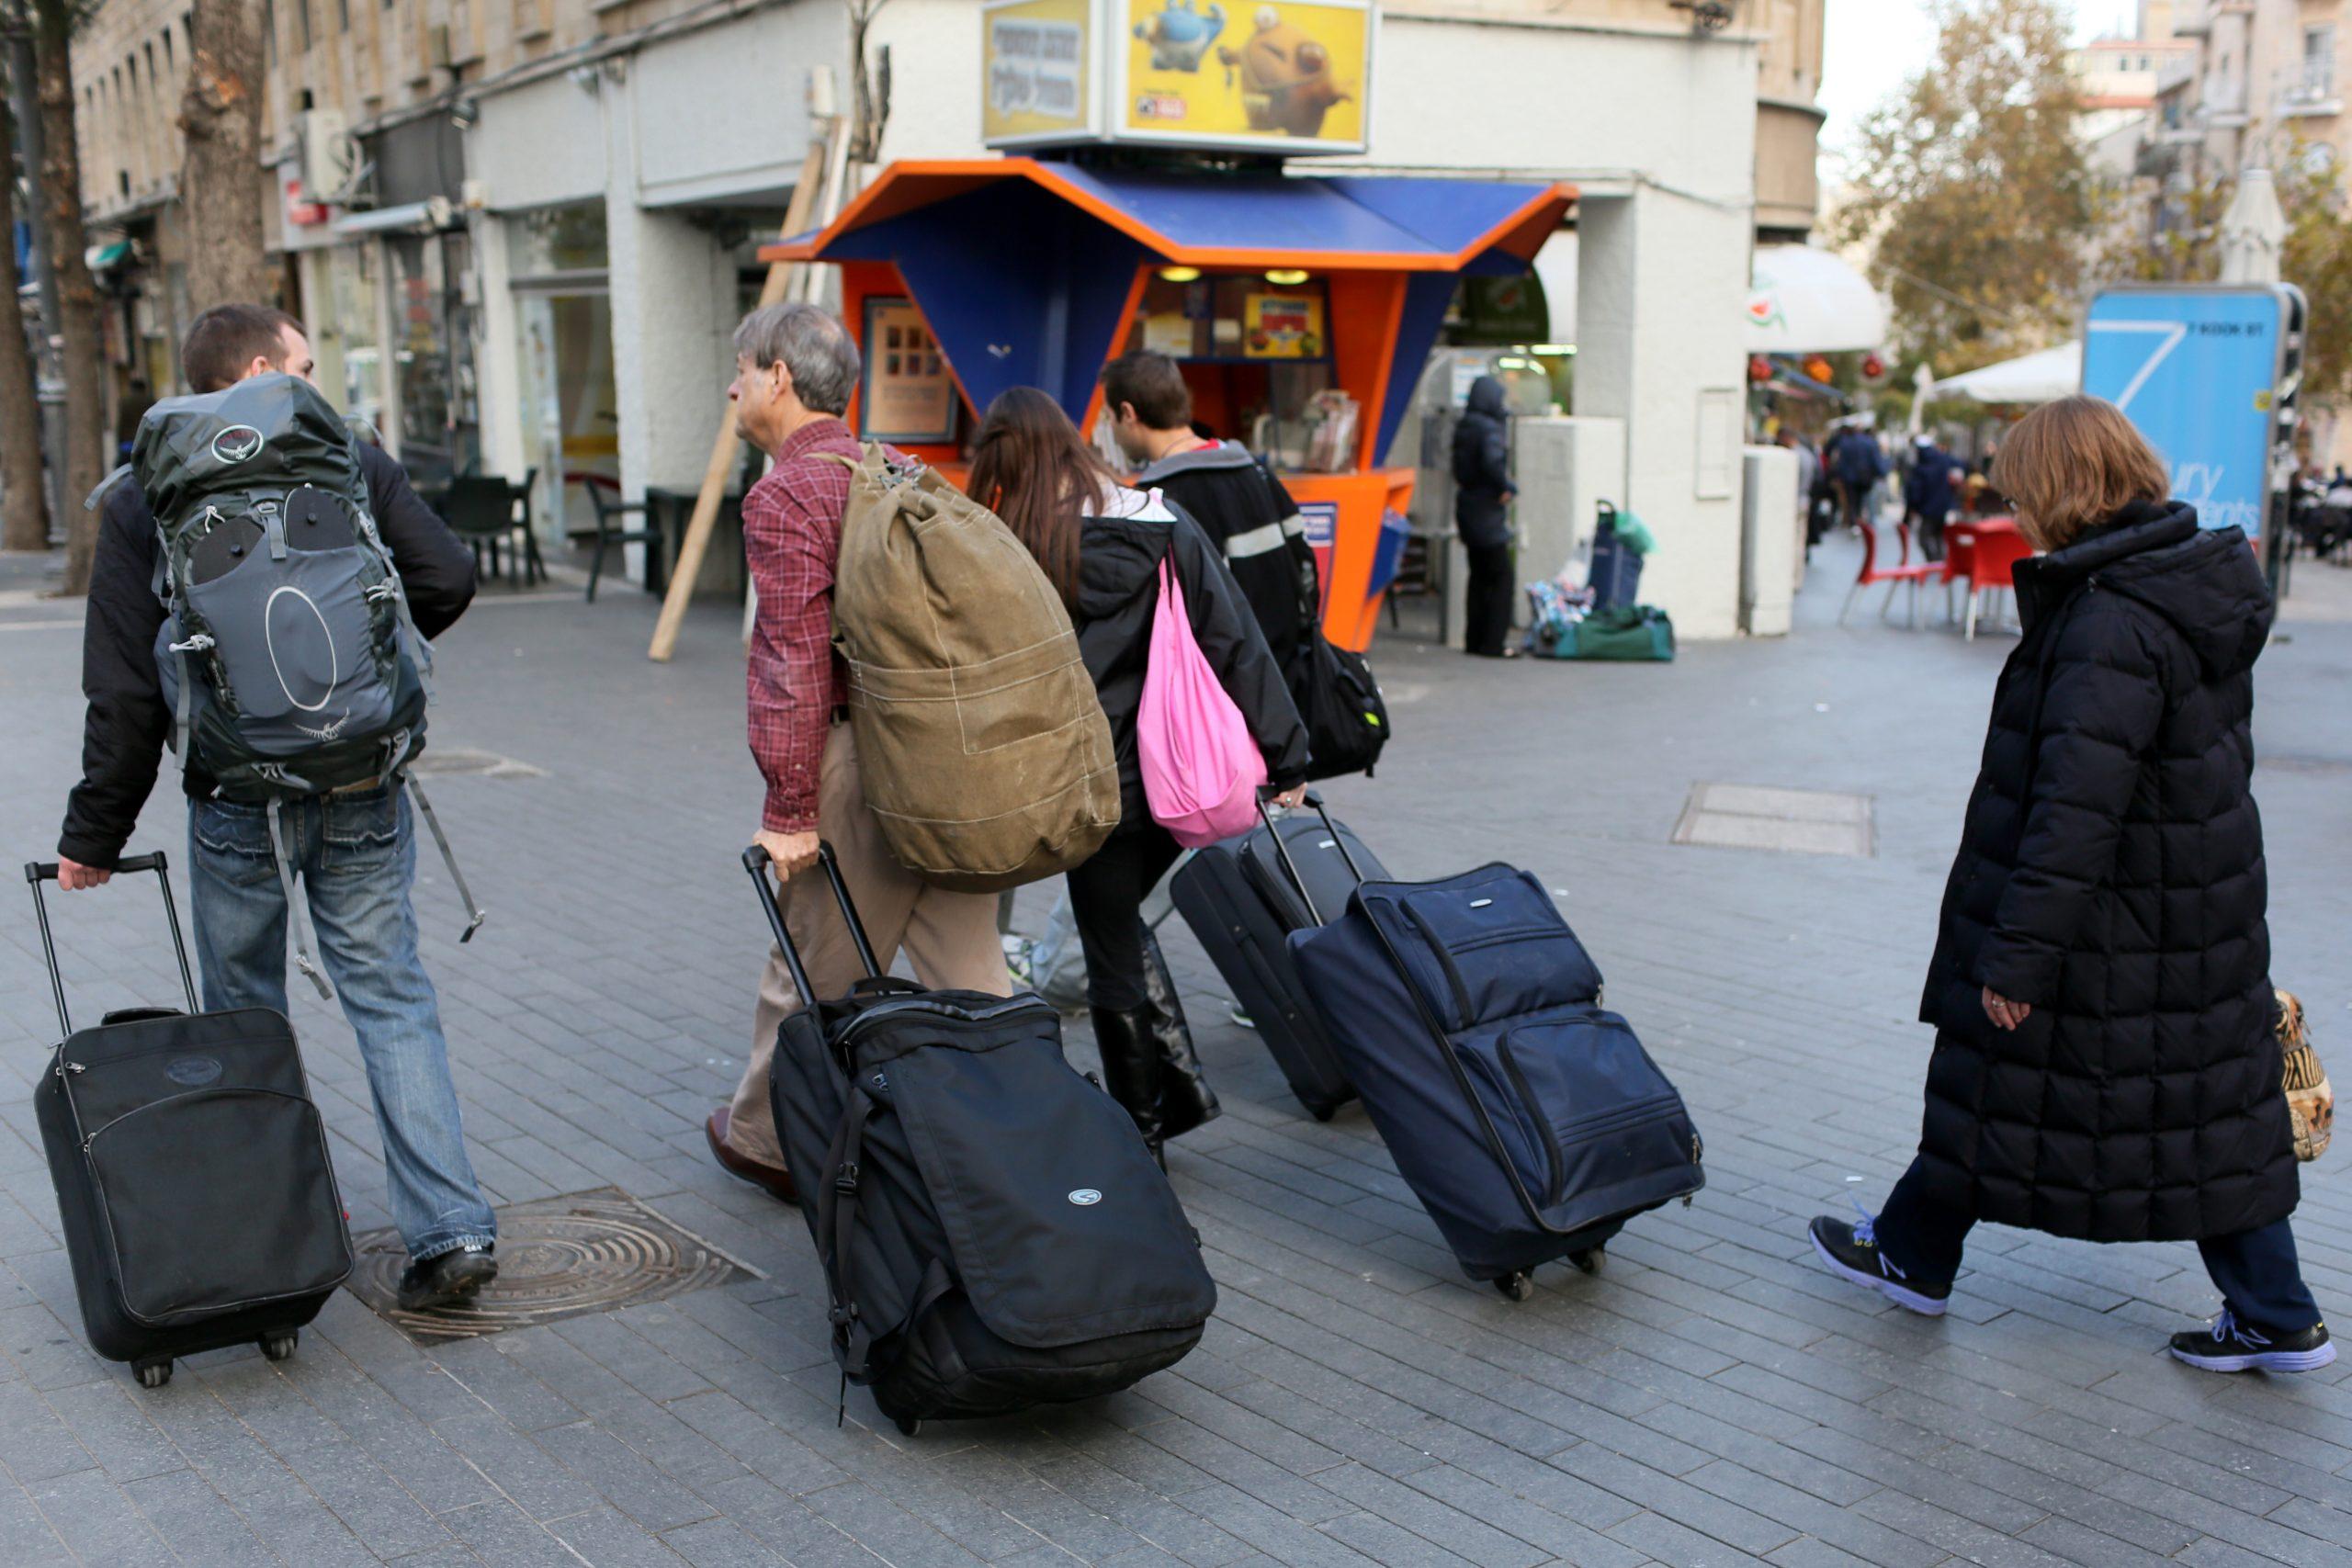 Un número limitado de turistas vacunados podrán ingresar a Israel en grupos organizados a partir del 23 de mayo, informaron autoridades